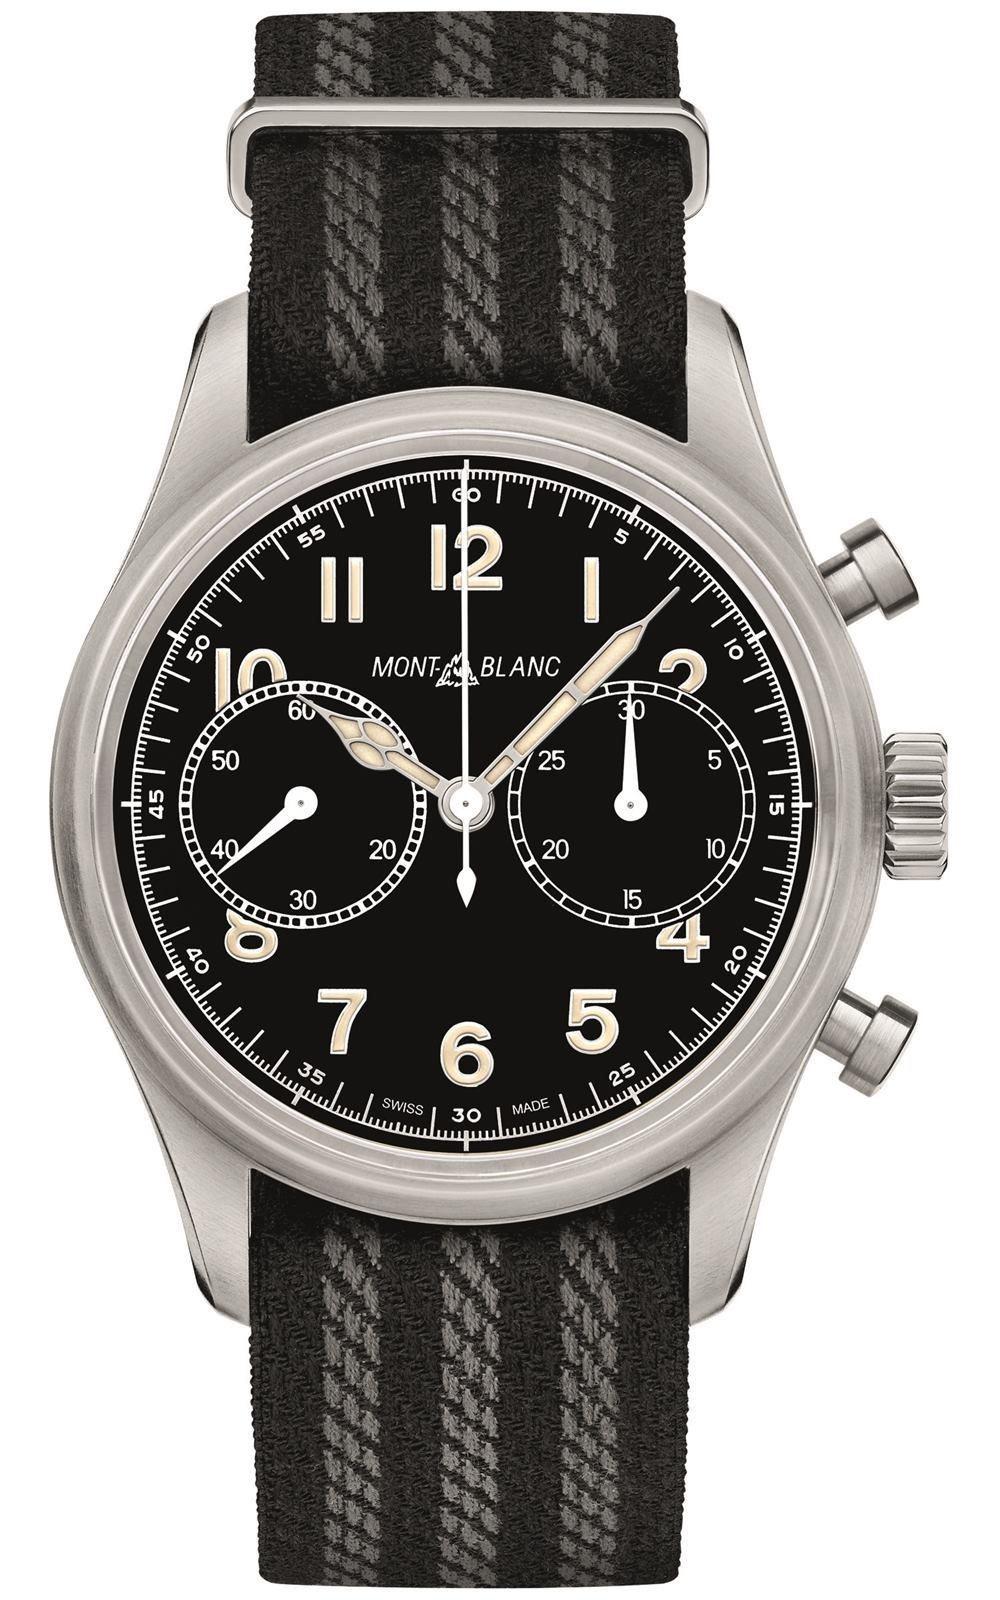 萬寶龍1858系列計時自動腕表,13萬8,000元。圖/萬寶龍提供